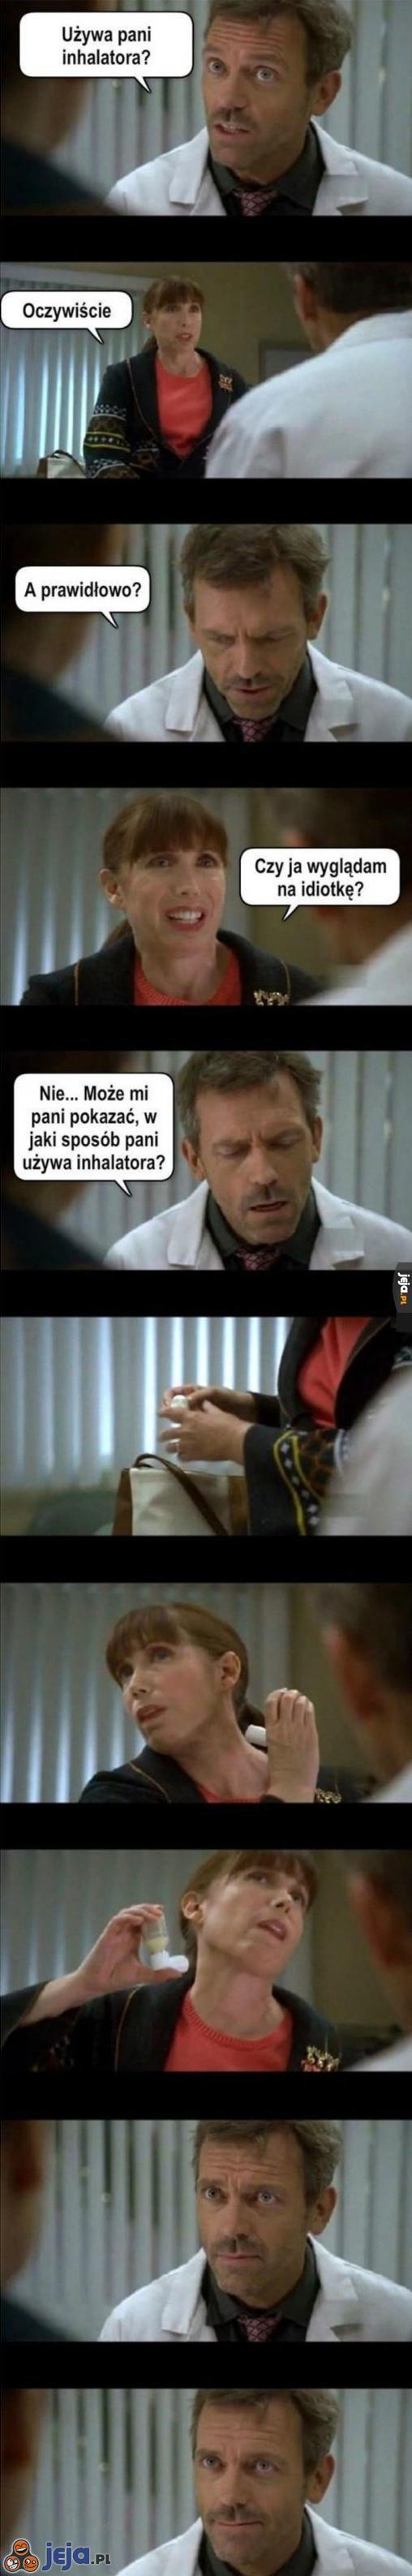 Poprawne użycie inhalatora